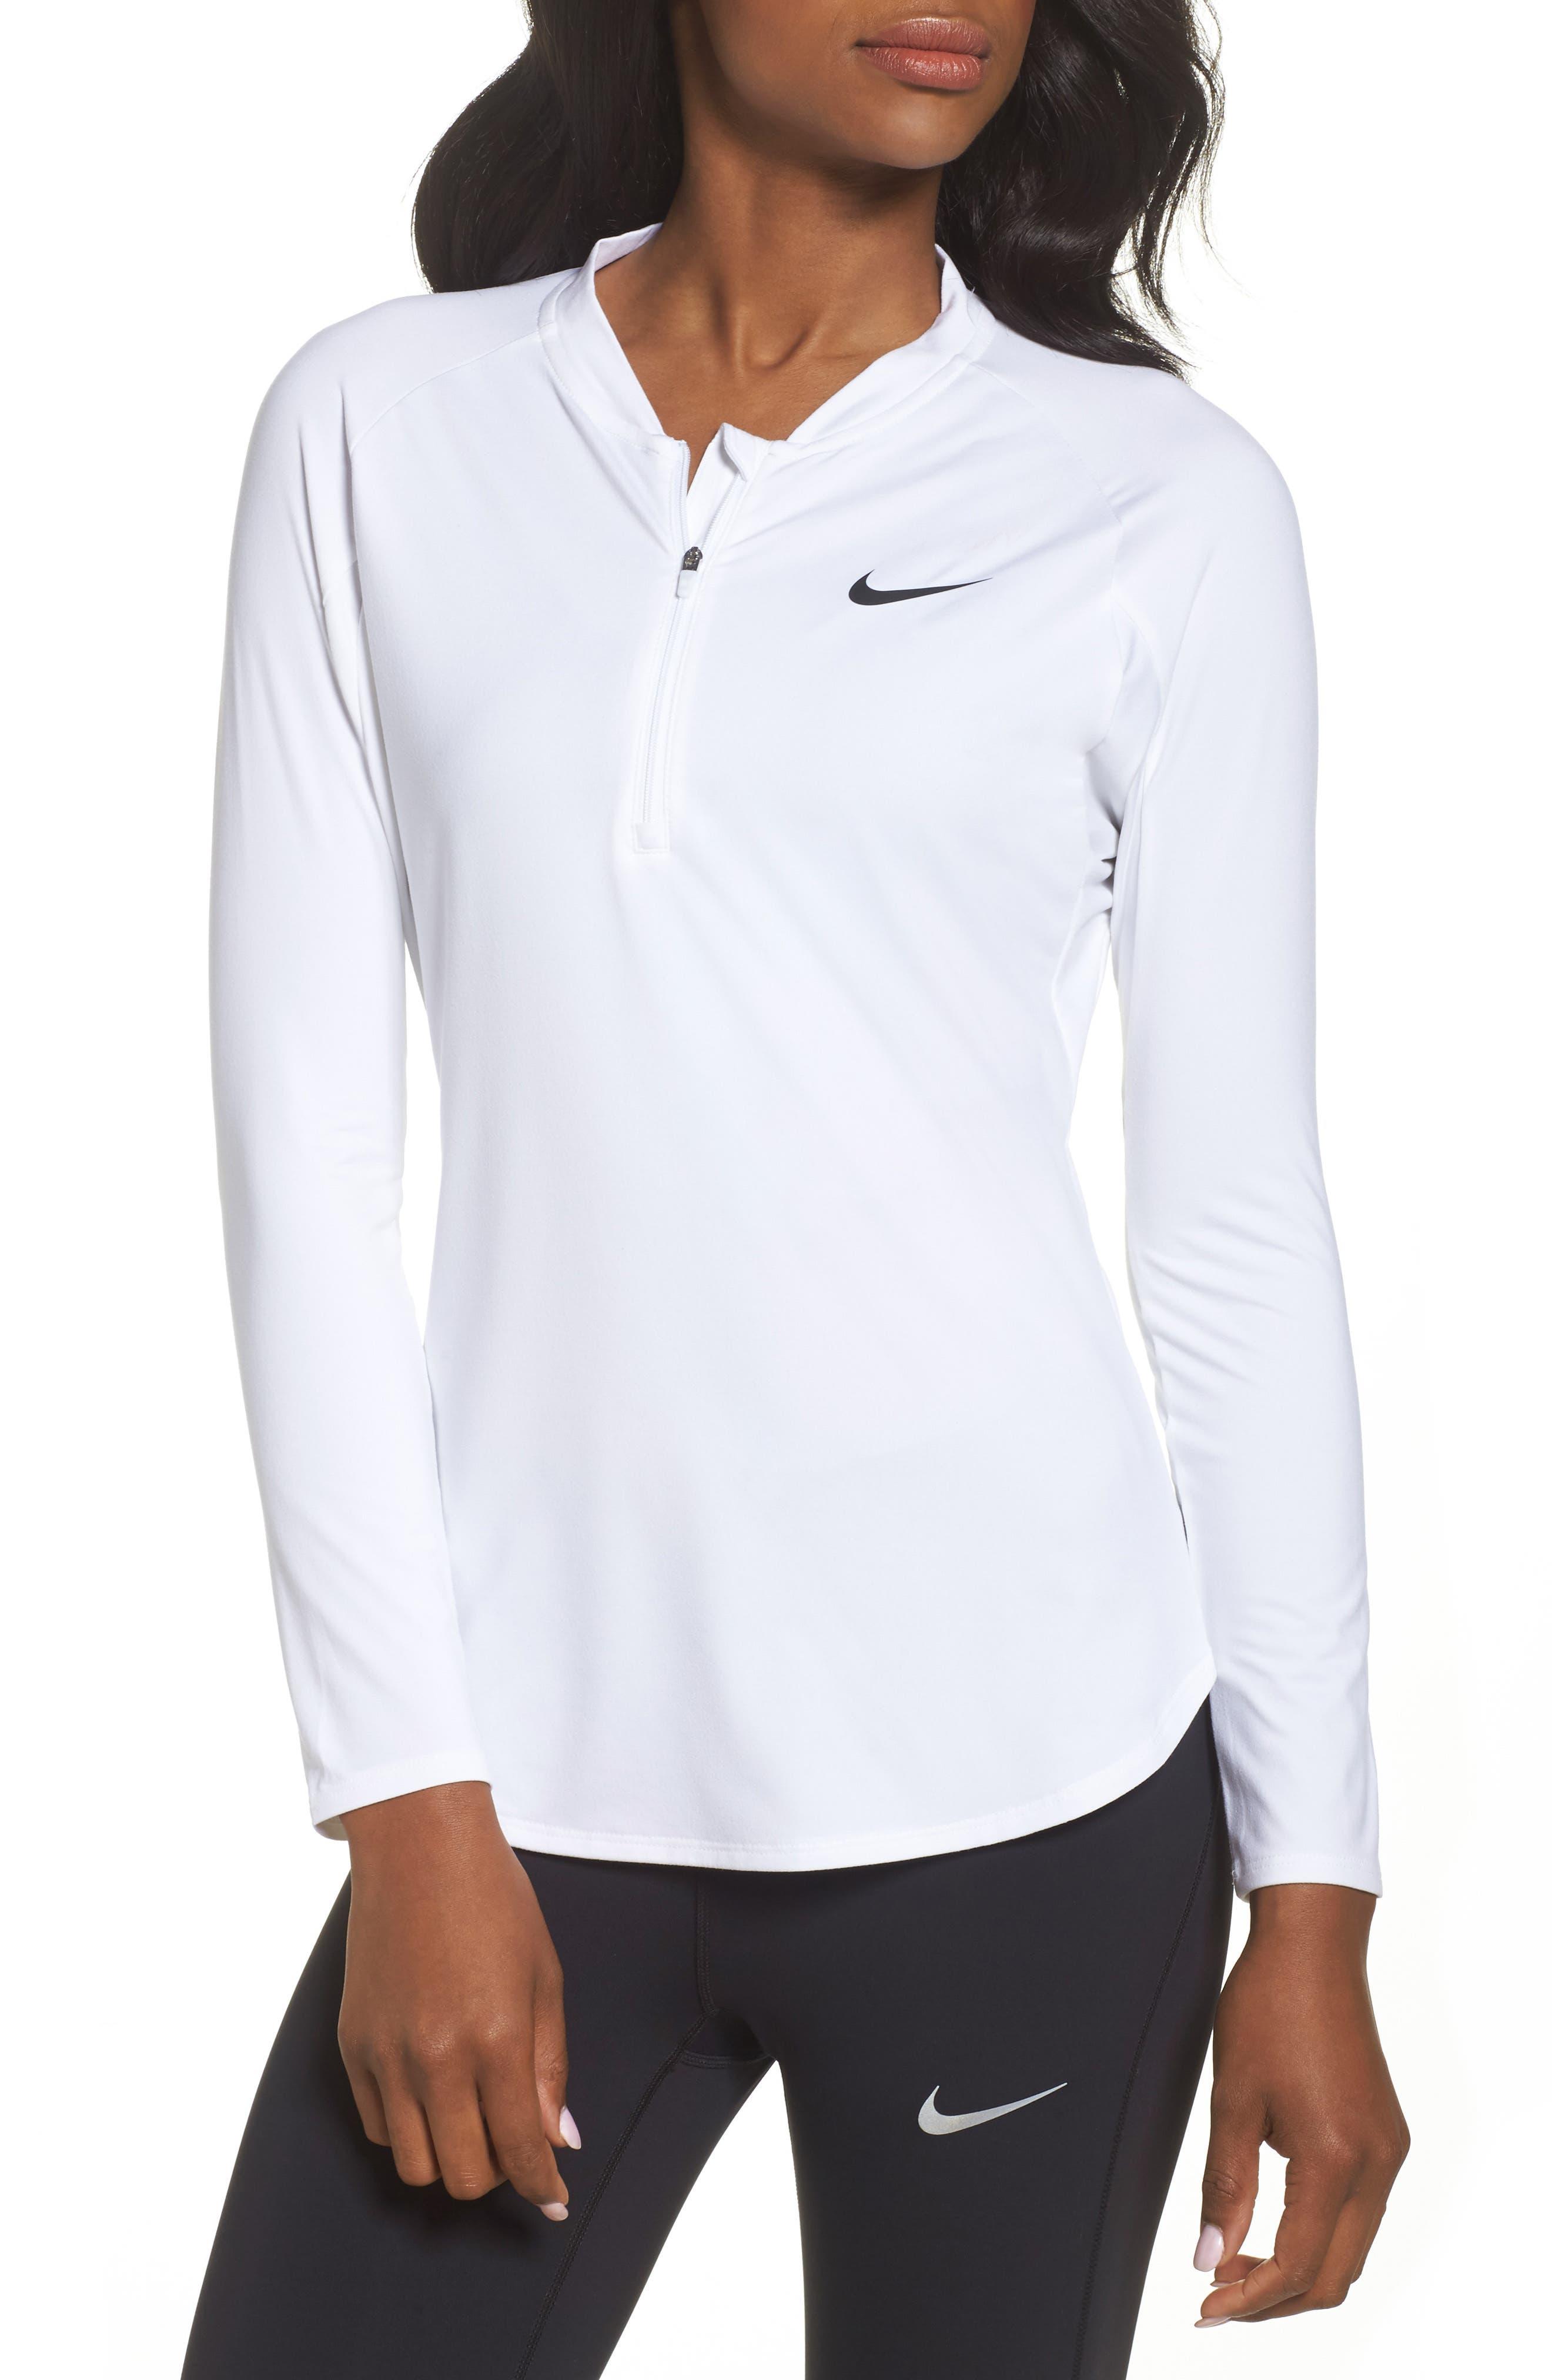 Court Pure Half Zip Tennis Top,                             Main thumbnail 1, color,                             White/ Black